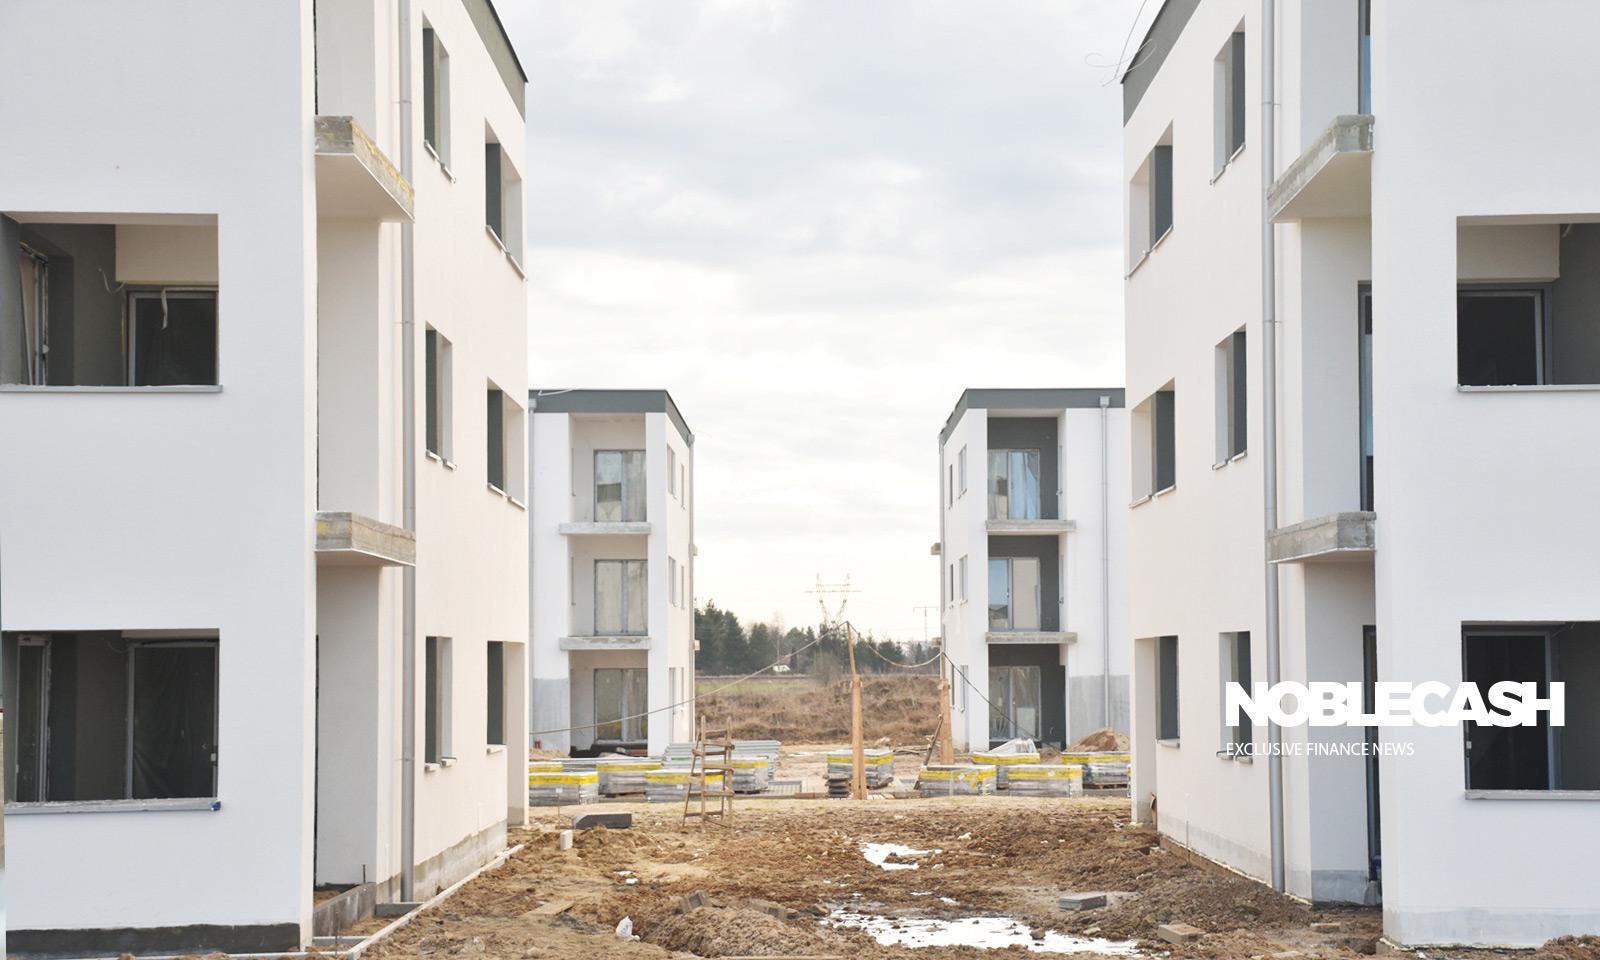 budowa-nieruchomosci-mieszkalnej